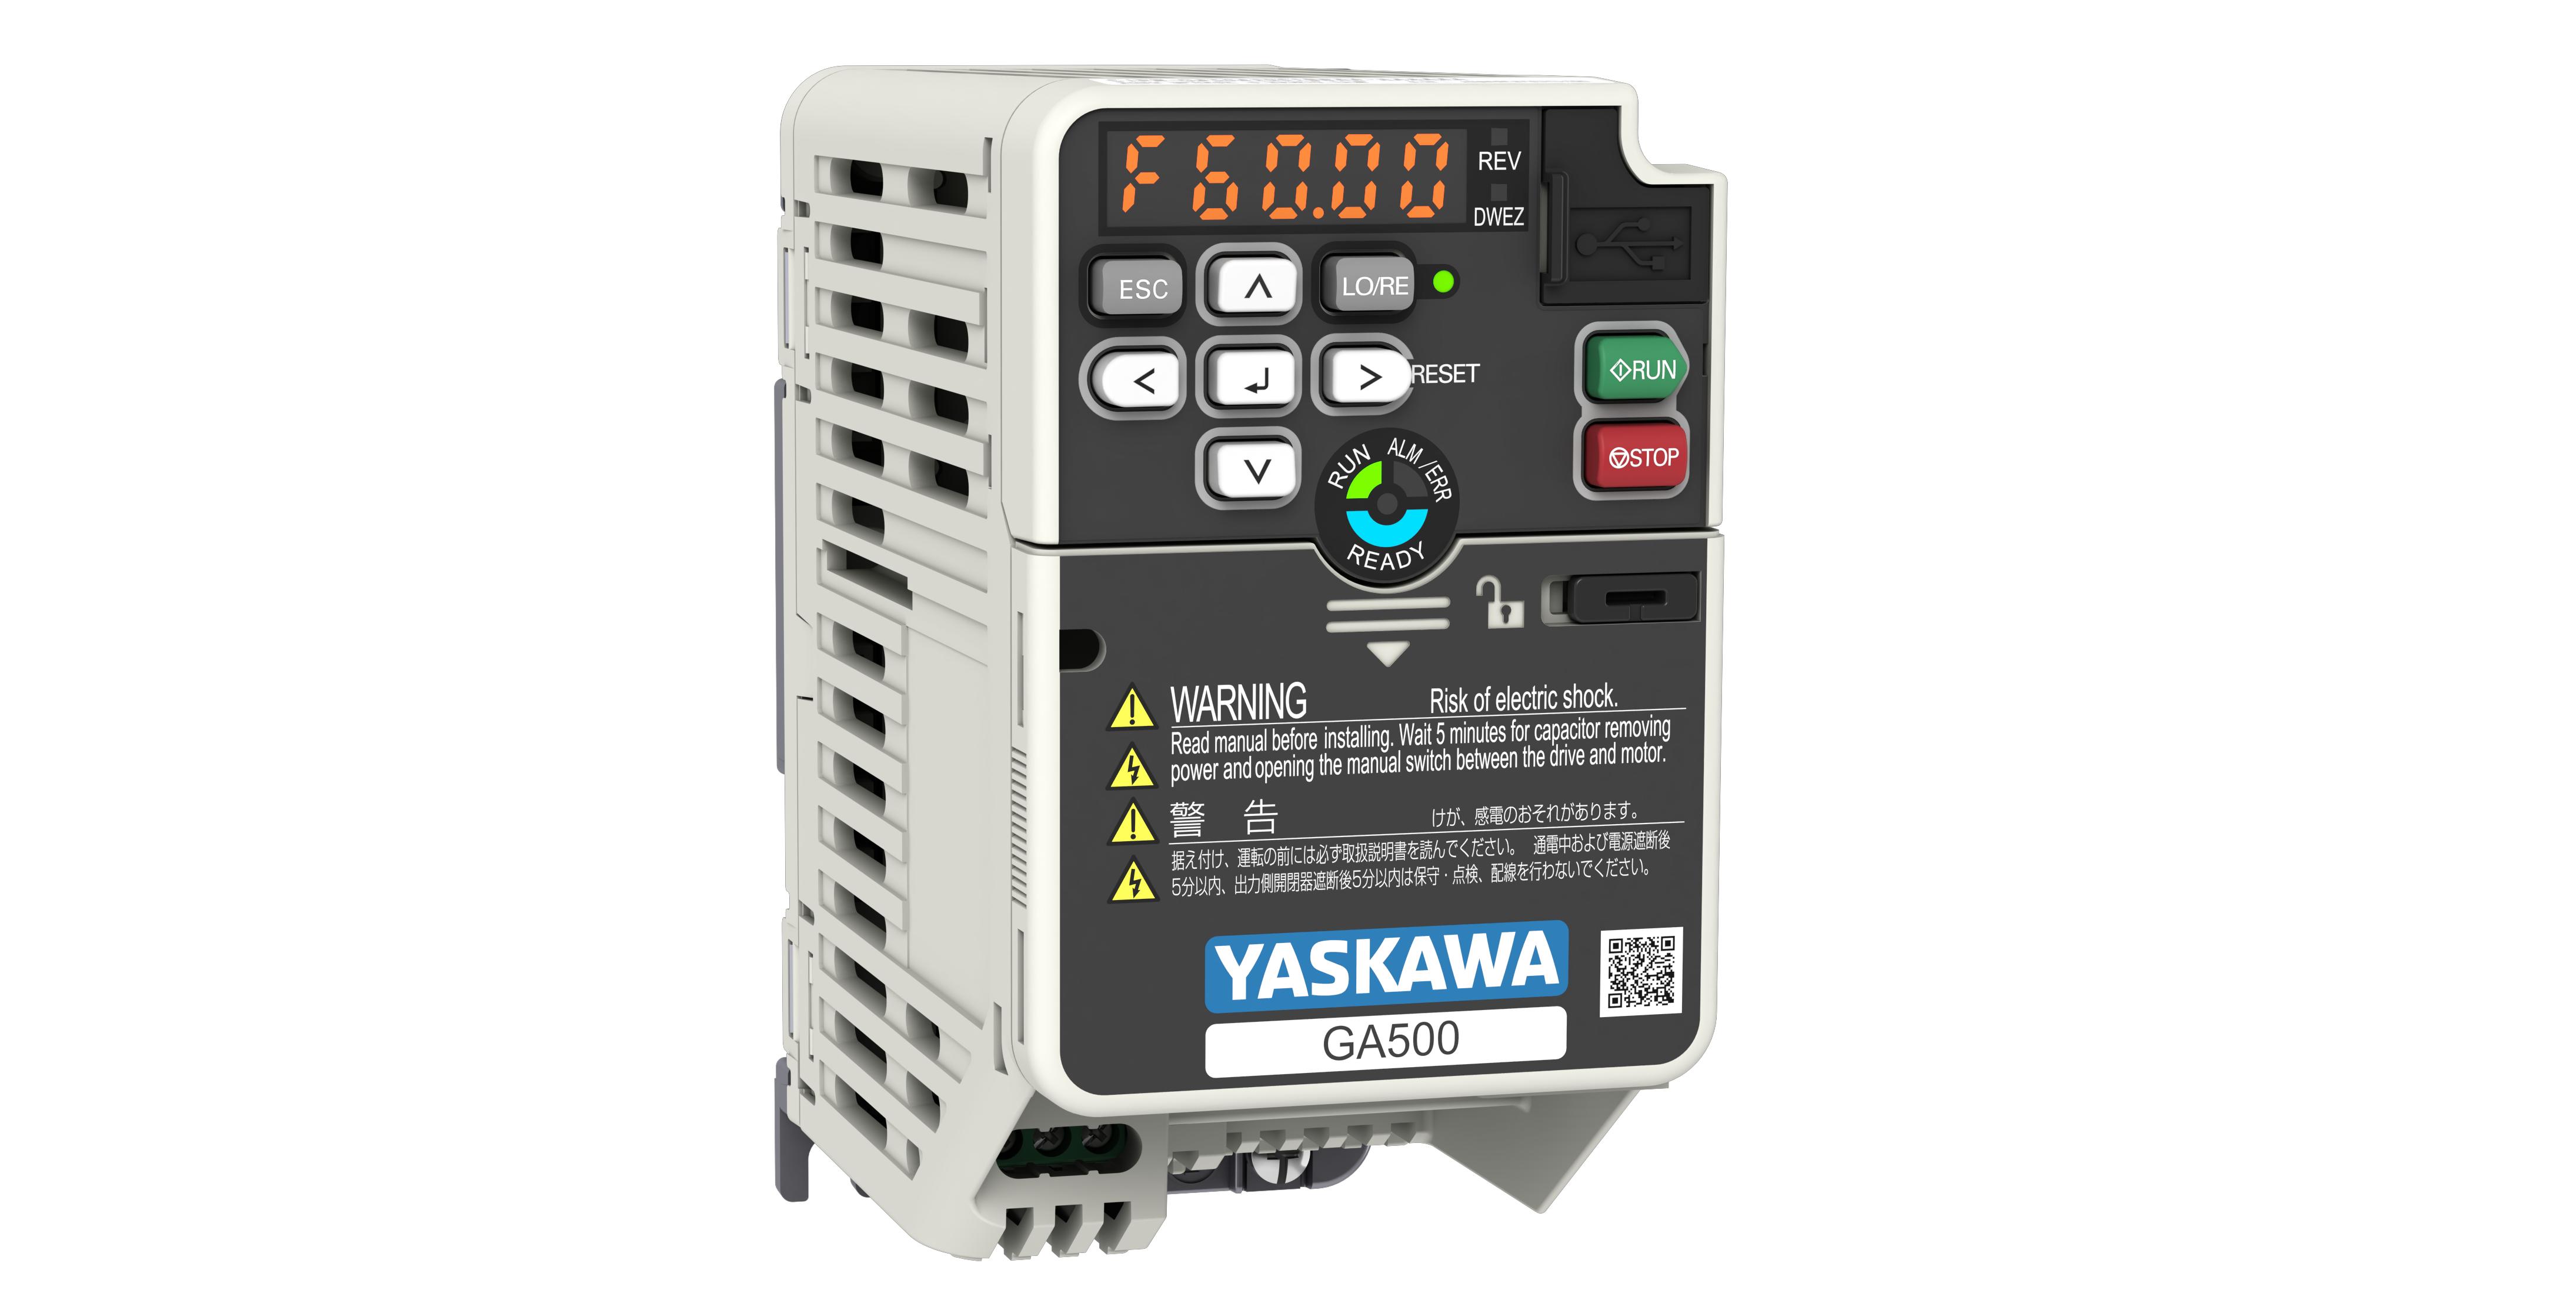 Yaskawa presenta el nuevo y compacto variador de frecuencia GA500